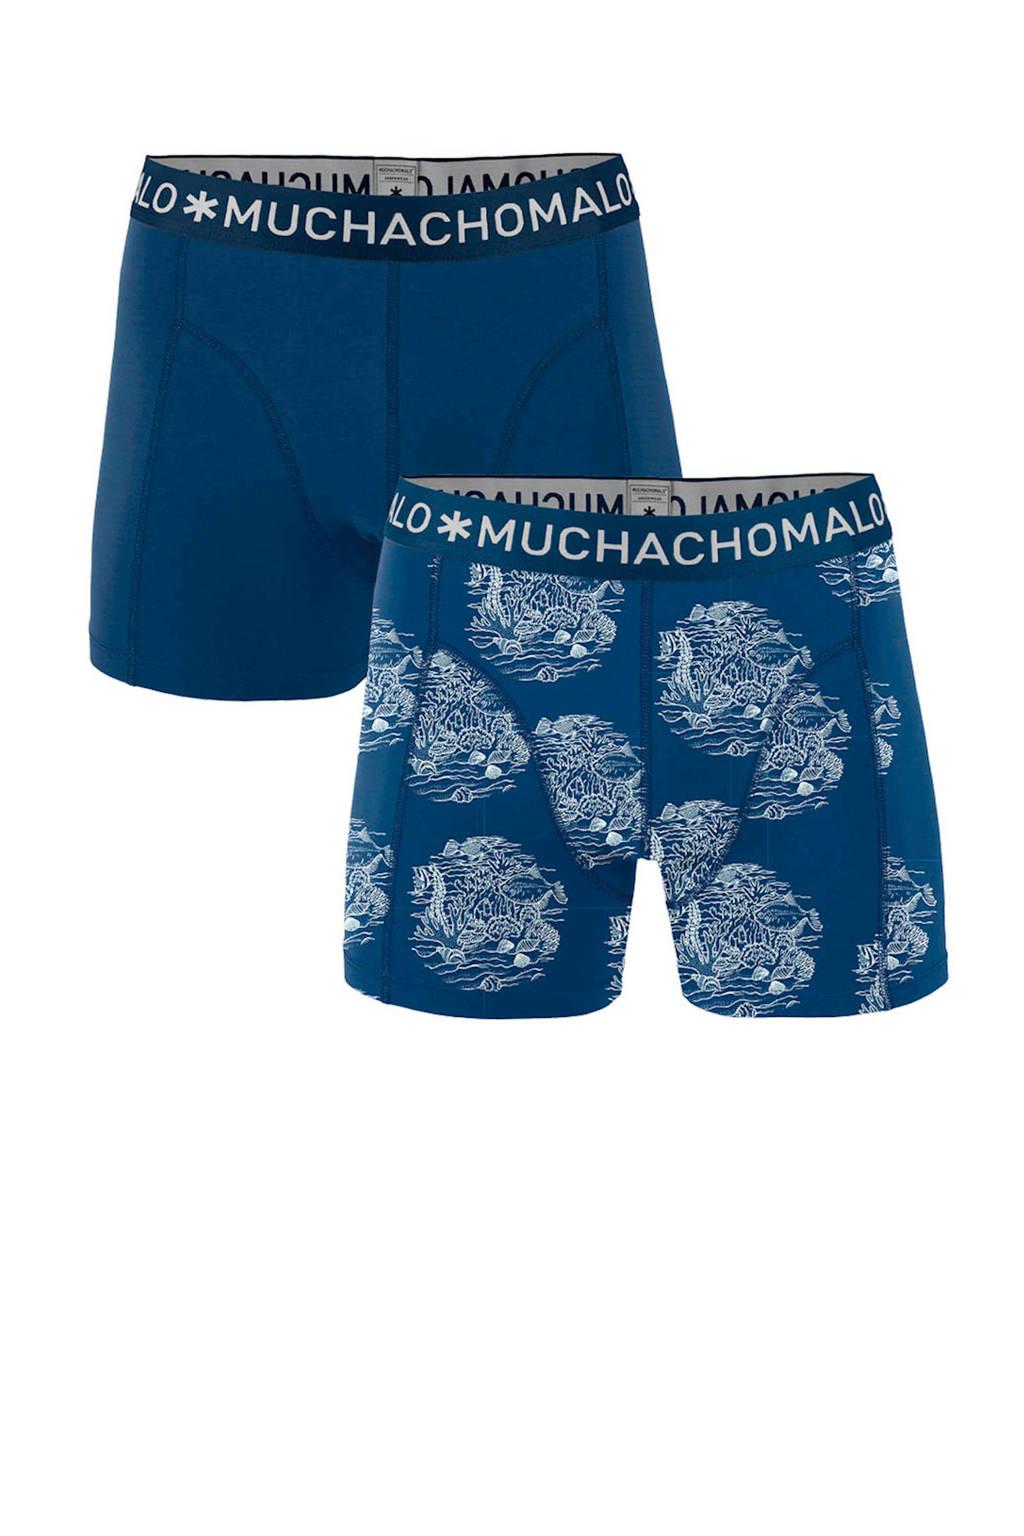 Muchachomalo boxershort (set van 2), Donkerblauw/blauw